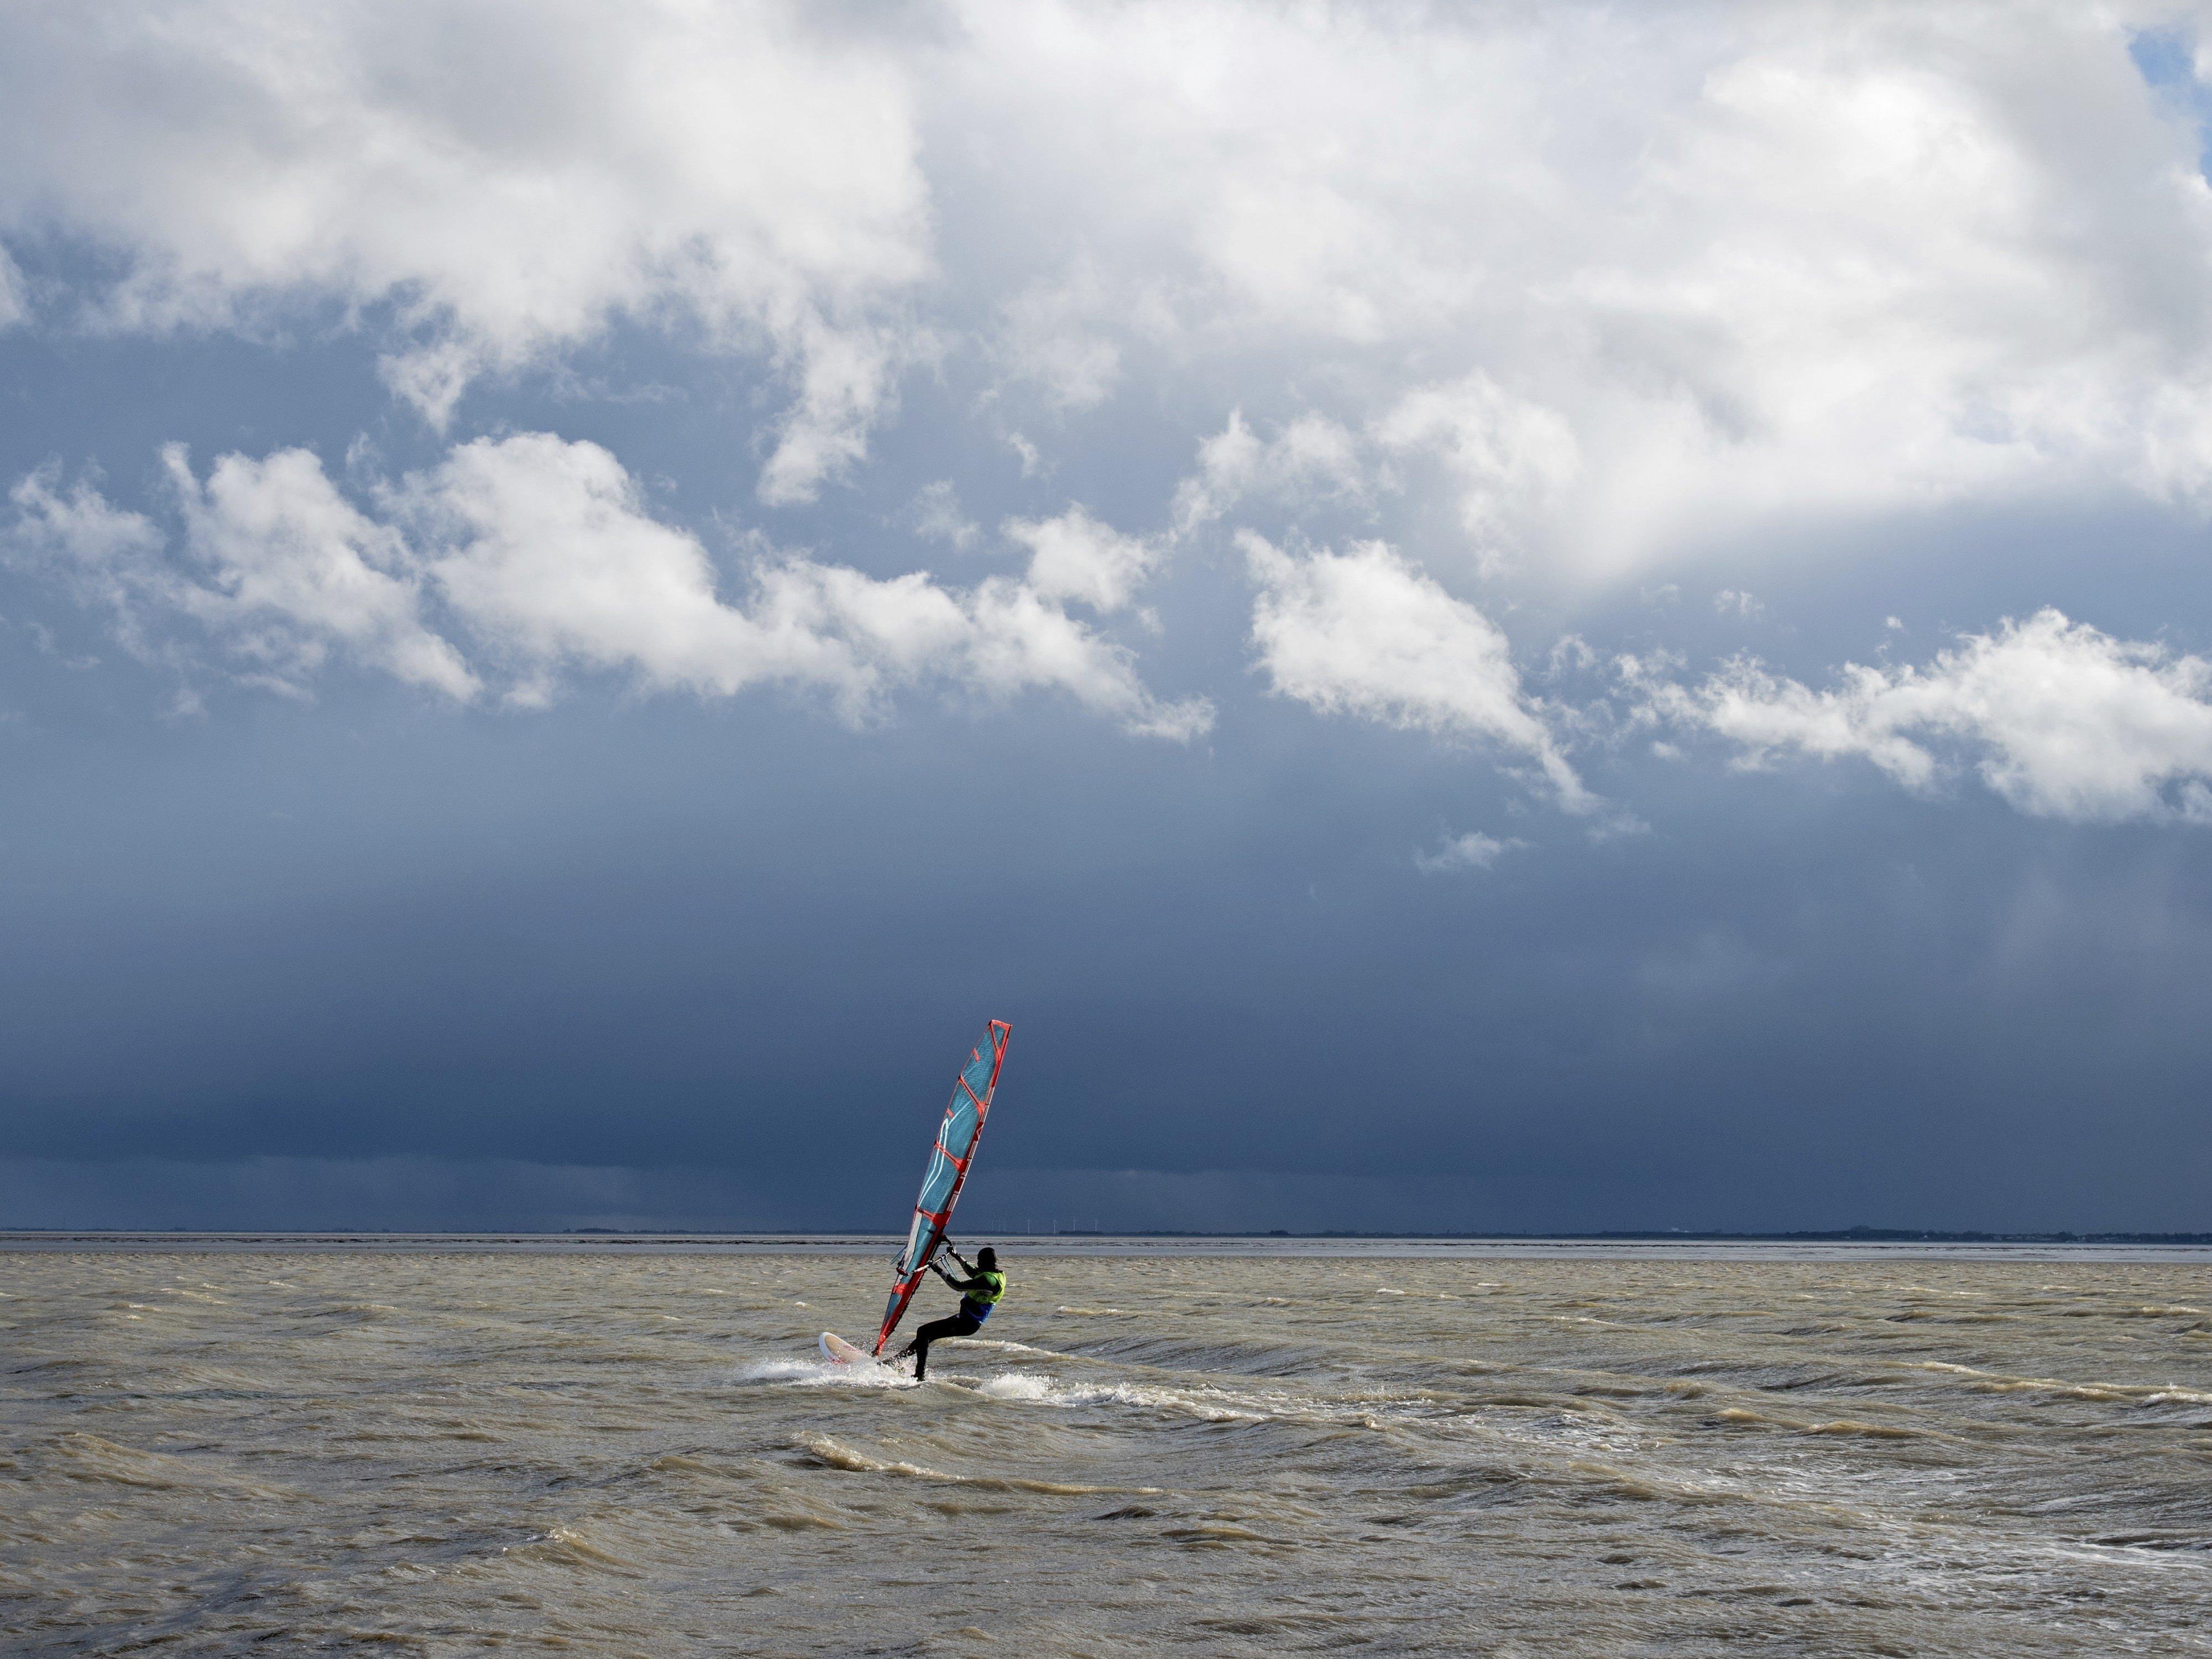 Der Surf Worldcup findet 2017 erstmals in Neusiedl am See statt.